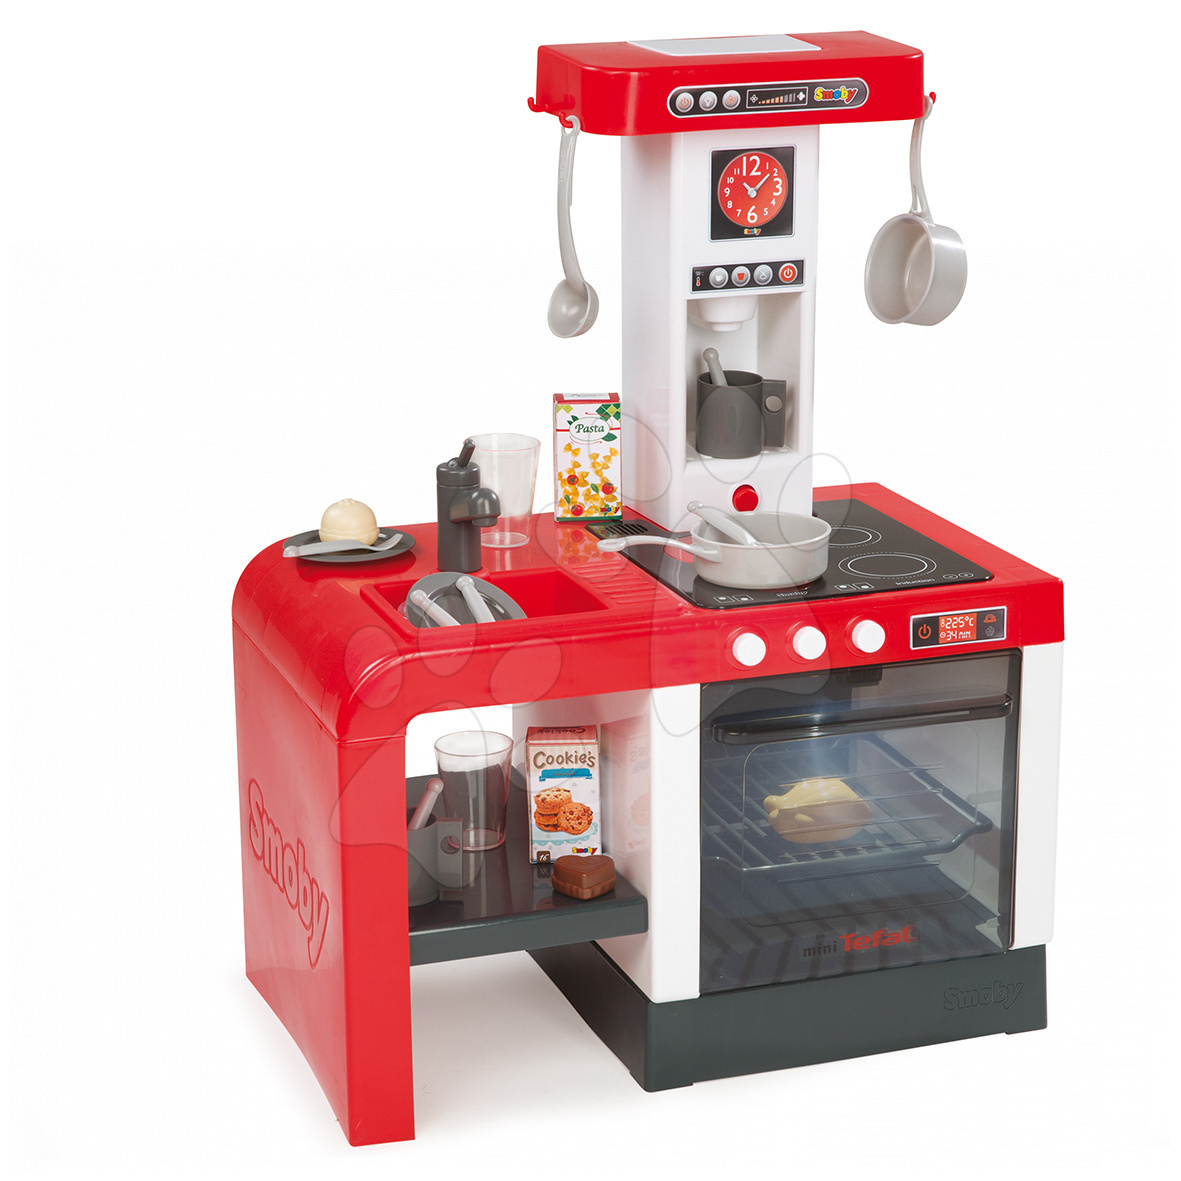 Staré položky - Elektronická kuchynka TEFAL Chefronic Smoby červená so zvukmi a svetlom + 20 doplnkov 62 cm výška